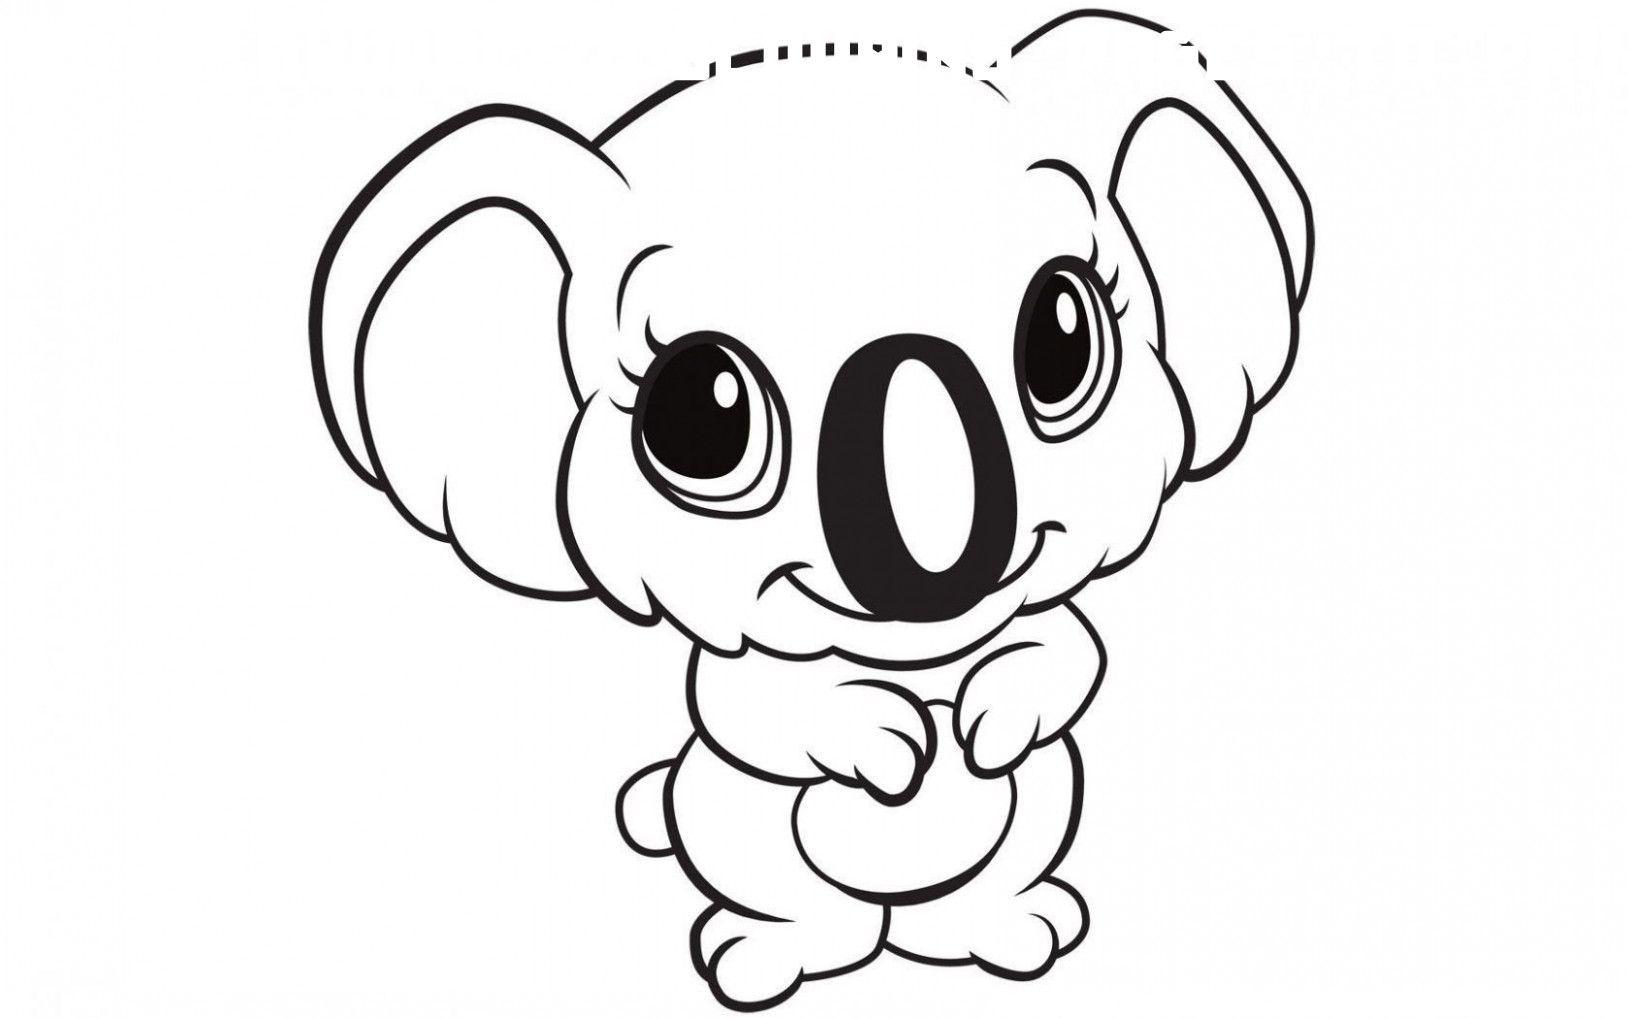 8 Cute Animals Colouring Pages To Print Malvorlagen Tiere Malvorlagen Fur Kinder Wenn Du Mal Buch